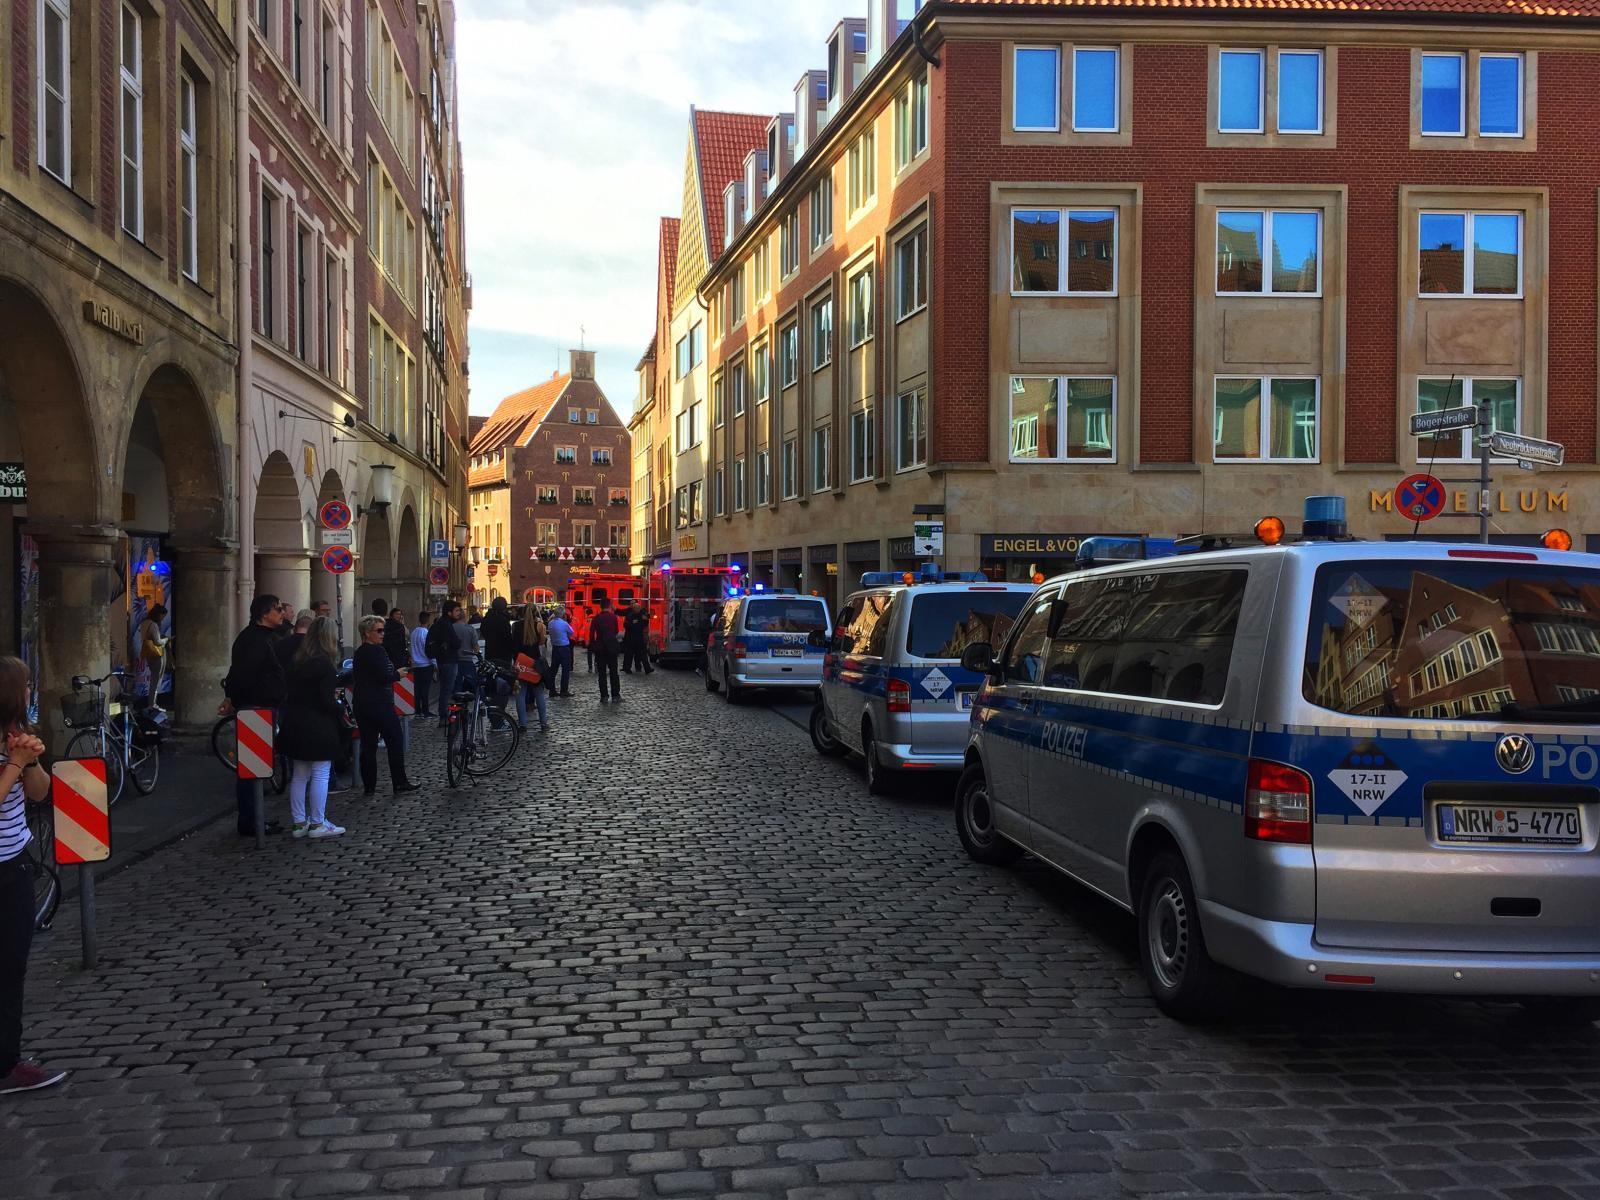 รถตู้พุ่งชนคนในเยอรมนี ตาย 2 เจ็บ 20